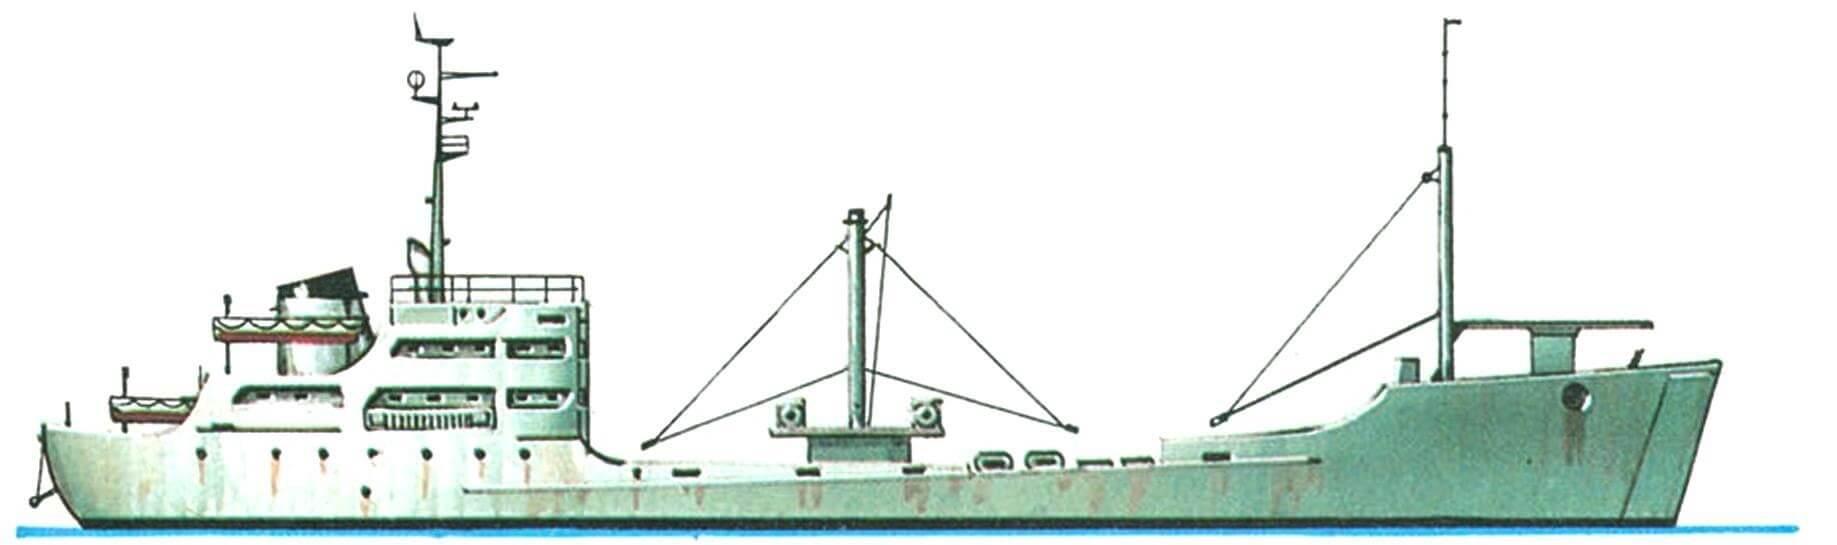 48.Средний десантный корабль «Бурея» (проект 572), СССР, 1956 г. Водоизмещение стандартное 1400 т, полное 2030 т. Длина 70,9 м, ширина 12,3 м, осадка 3,8 м. 2 дизеля общей мощностью 1600 л.с., скорость 10 узлов. Вооружение: два 57-мм зенитных орудия и четыре 25-мм автомата. Вместимость: 4 тяжелых или 5 средних танков или 225 десантников. Всего в 1956 — 1959 годах построено 8 единиц.